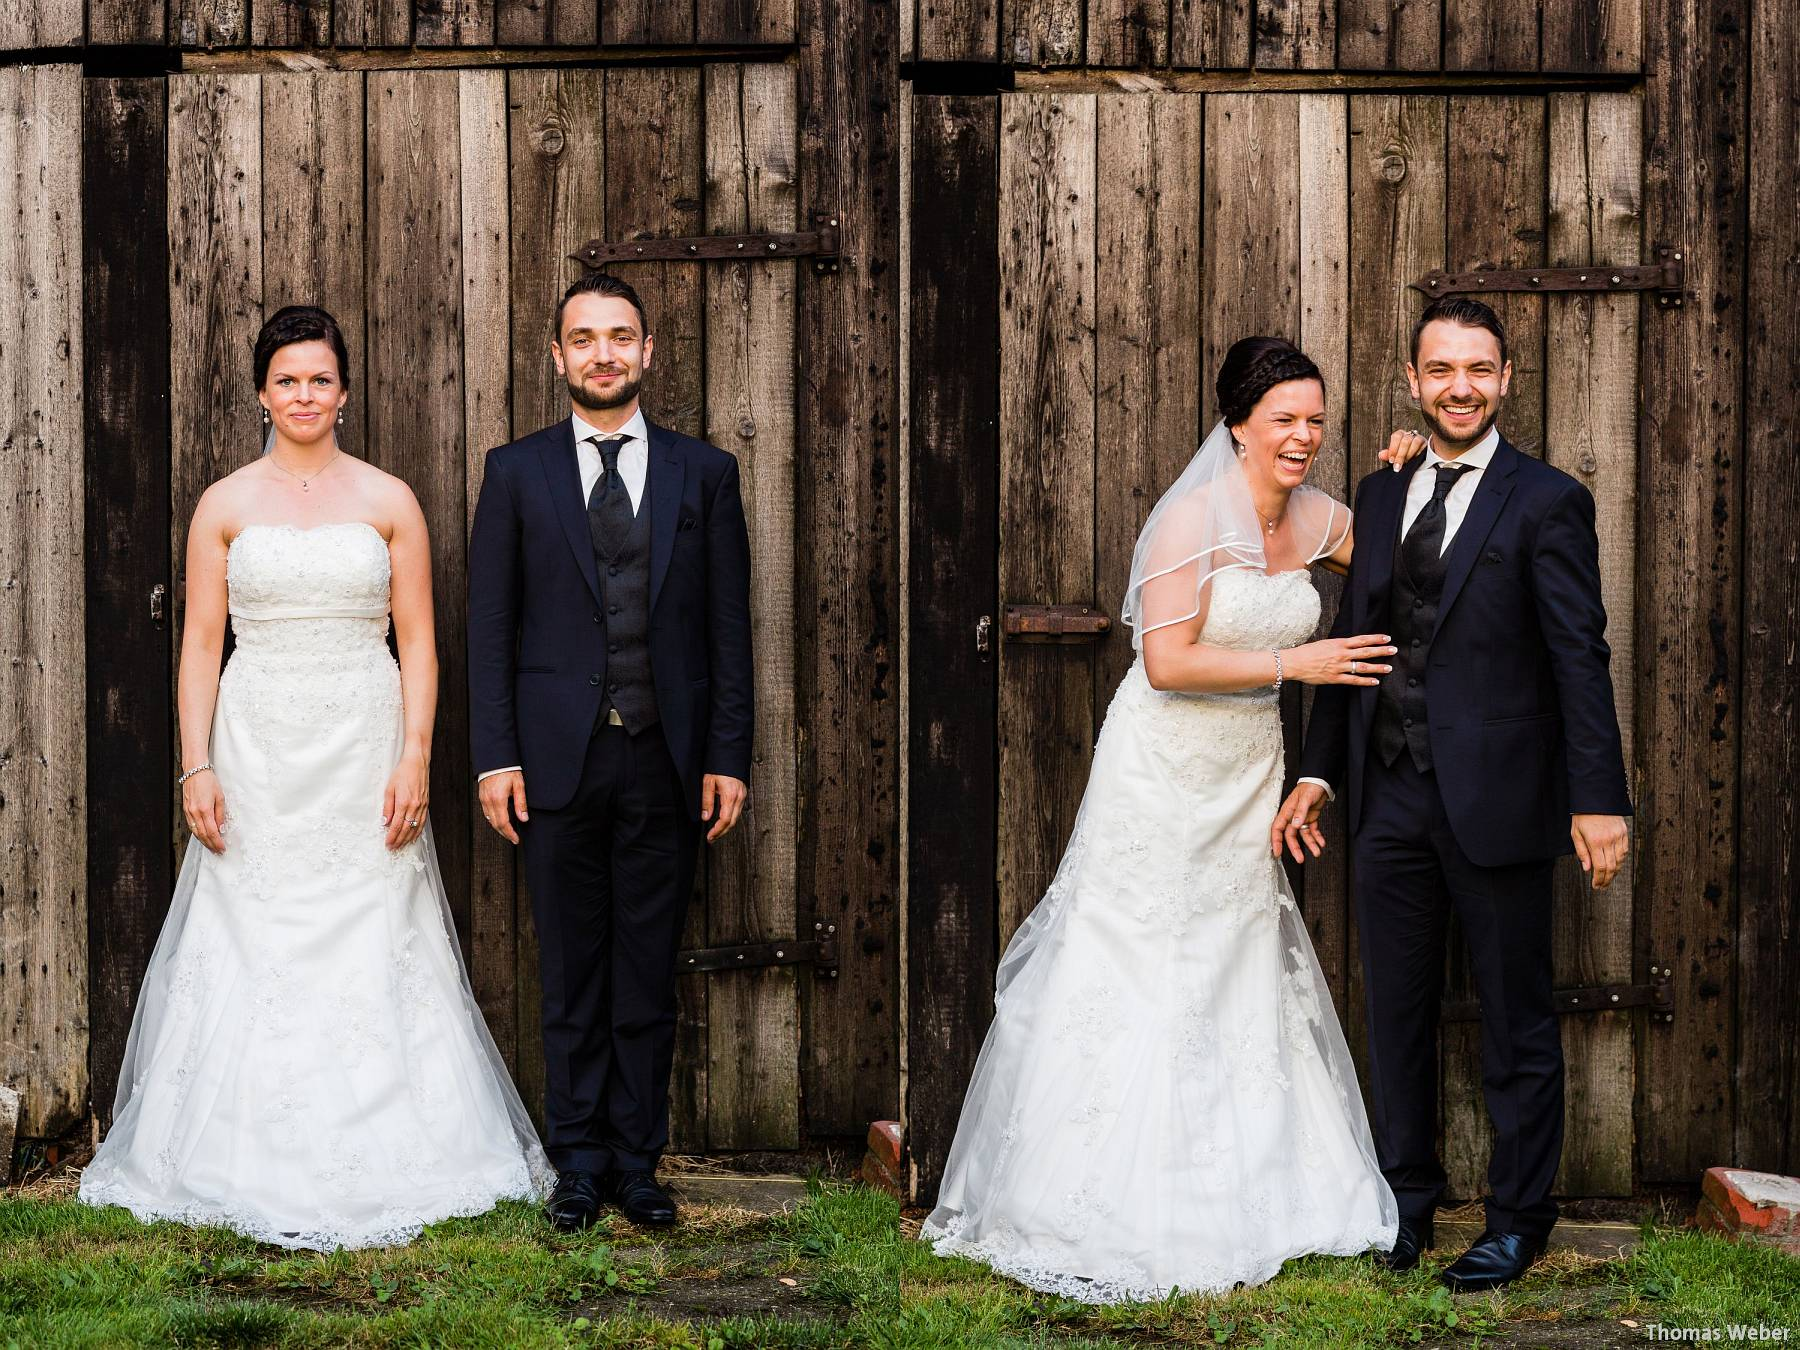 Hochzeitsfotograf Oldenburg: Kirchliche Trauung in der Garnisonkirche Oldenburg und Feier im Landhaus Etzhorn Oldenburg (11)